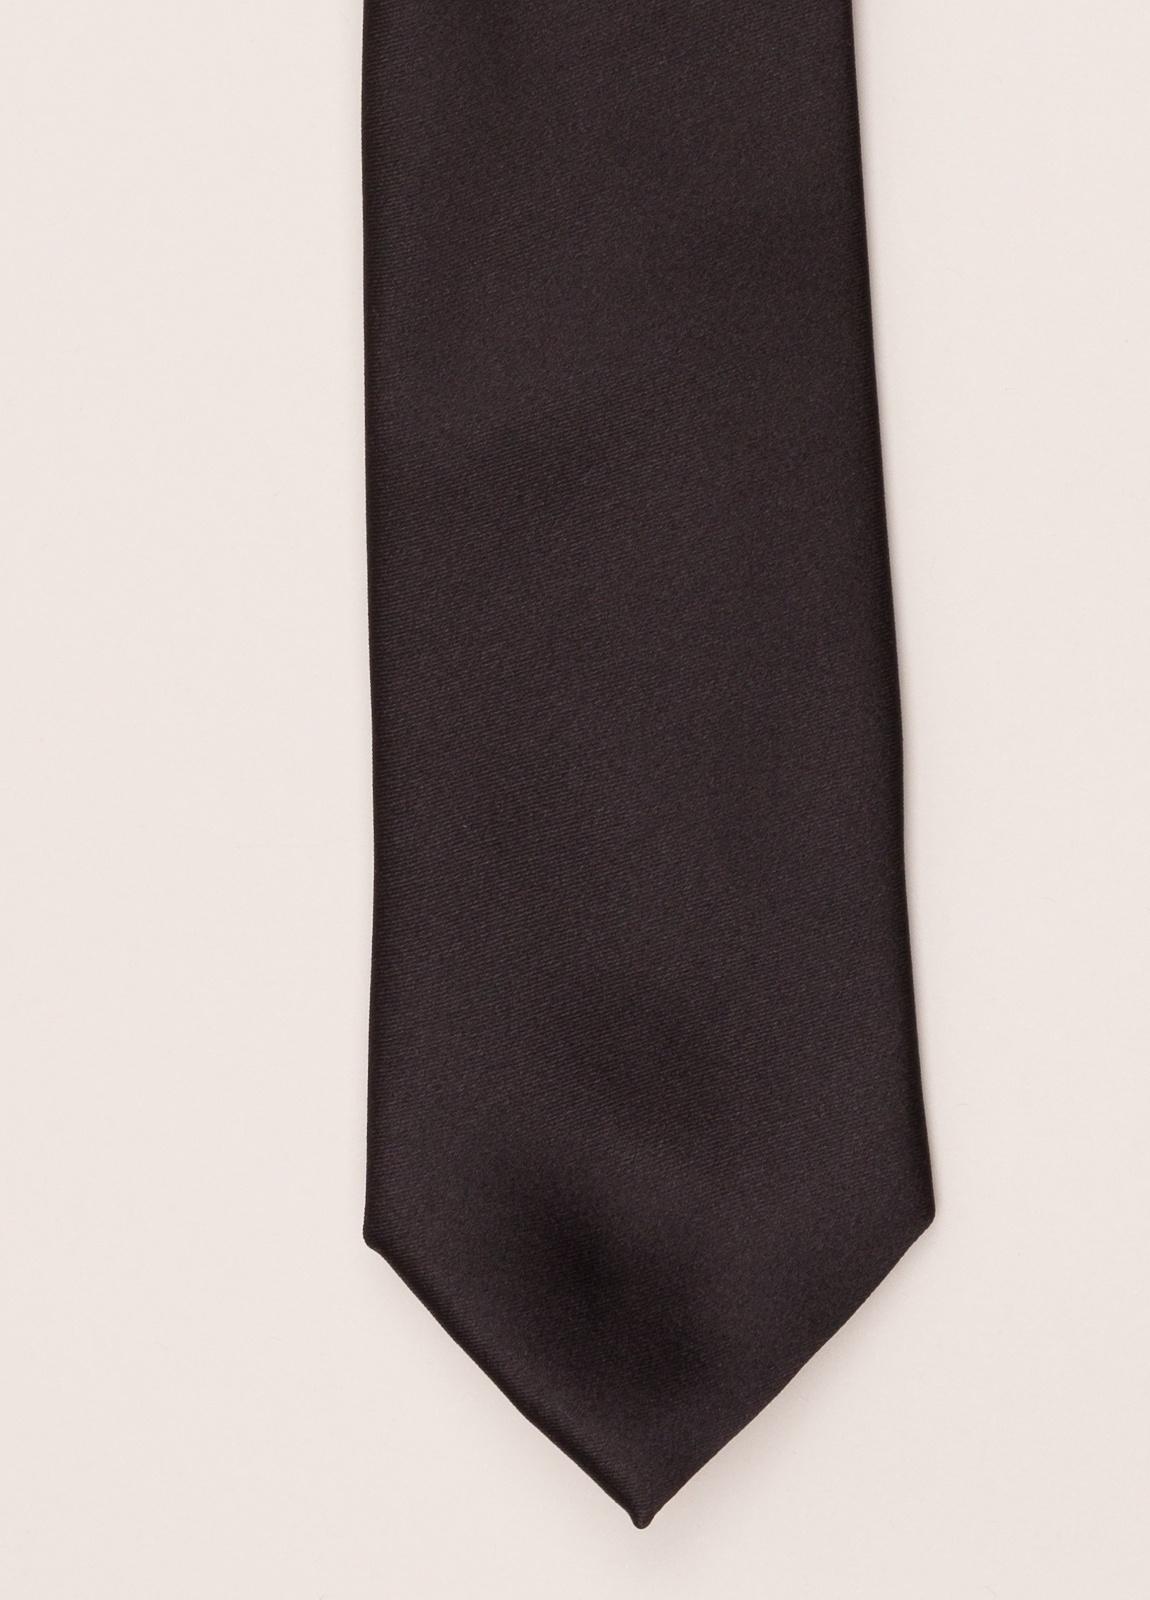 Corbata FUREST COLECCIÓN negro liso